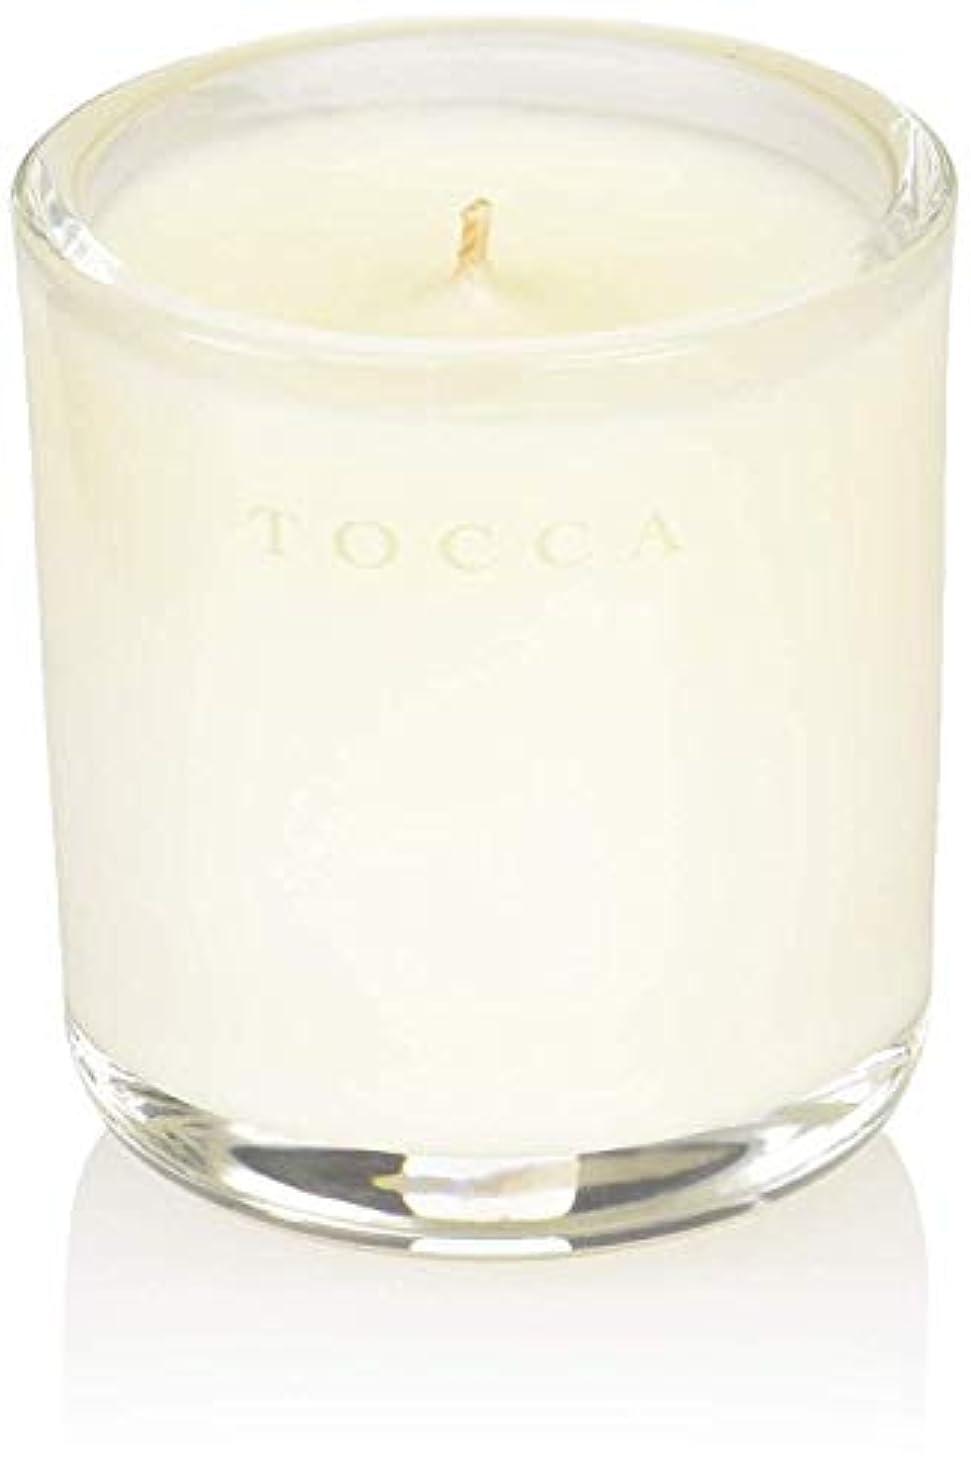 シエスタセットする不運TOCCA(トッカ) ボヤージュ キャンデリーナ カプリ 85g (ろうそく 芳香 柑橘とメロンの魅惑なシトラスな香り)